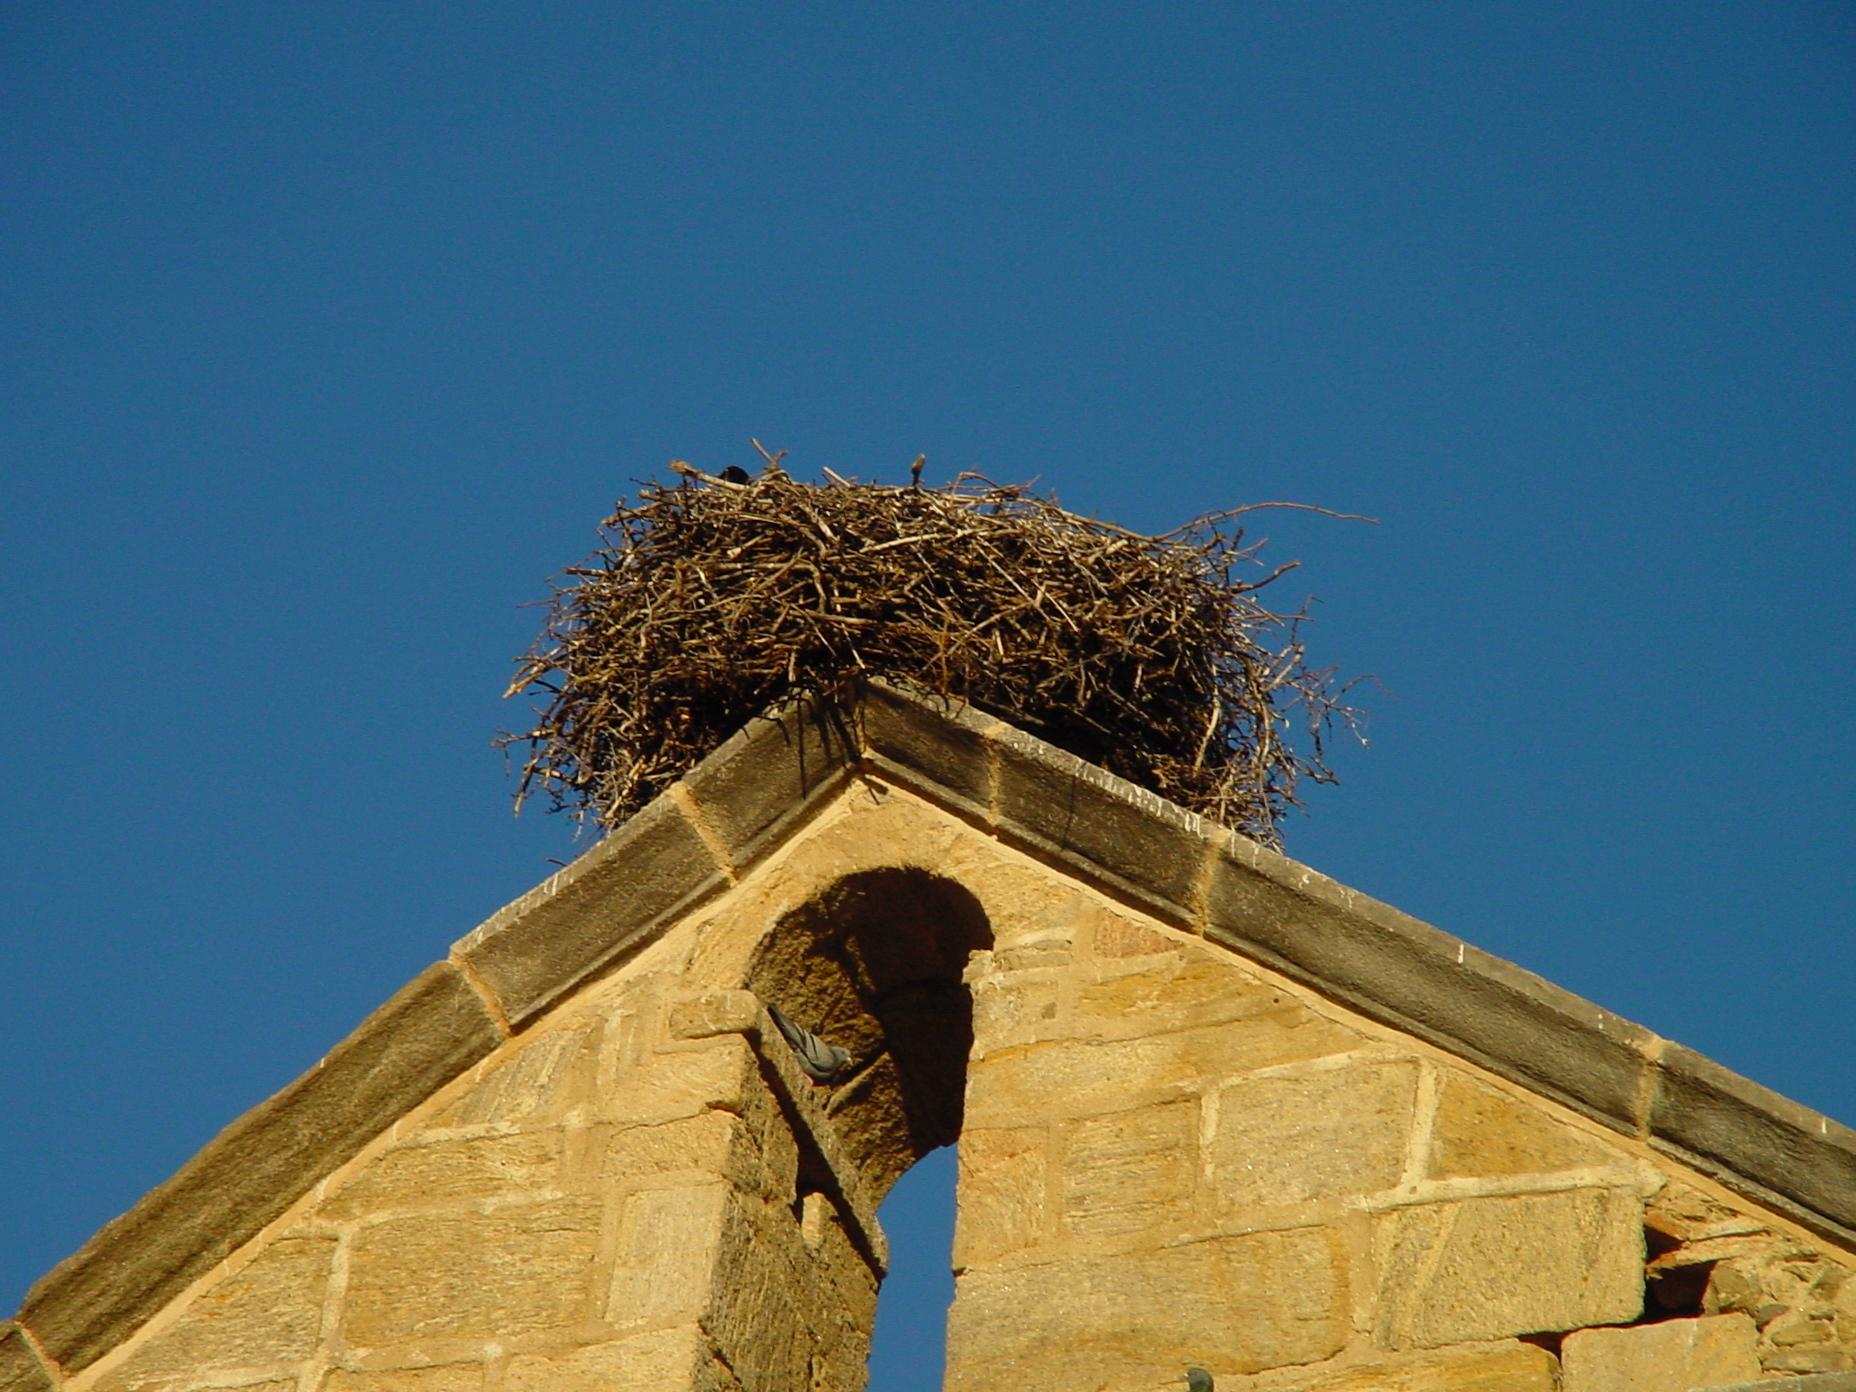 Nido en campanario de iglesia en Madarcos